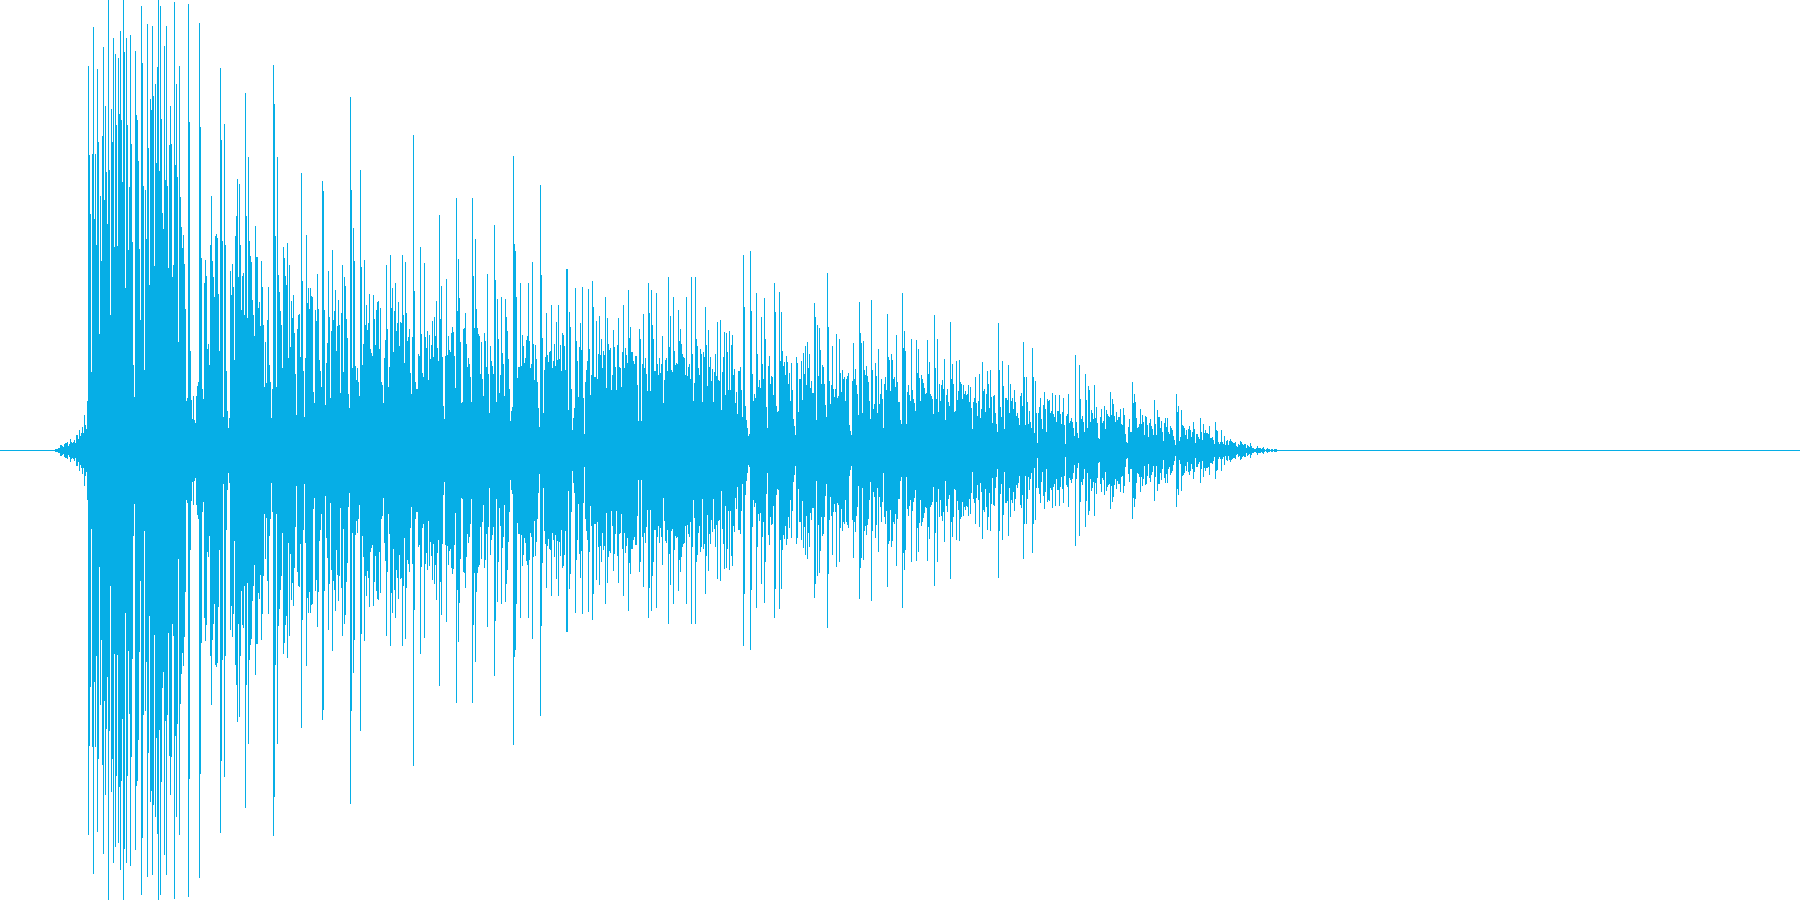 ゲーム(ファミコン風)爆発音_001の再生済みの波形